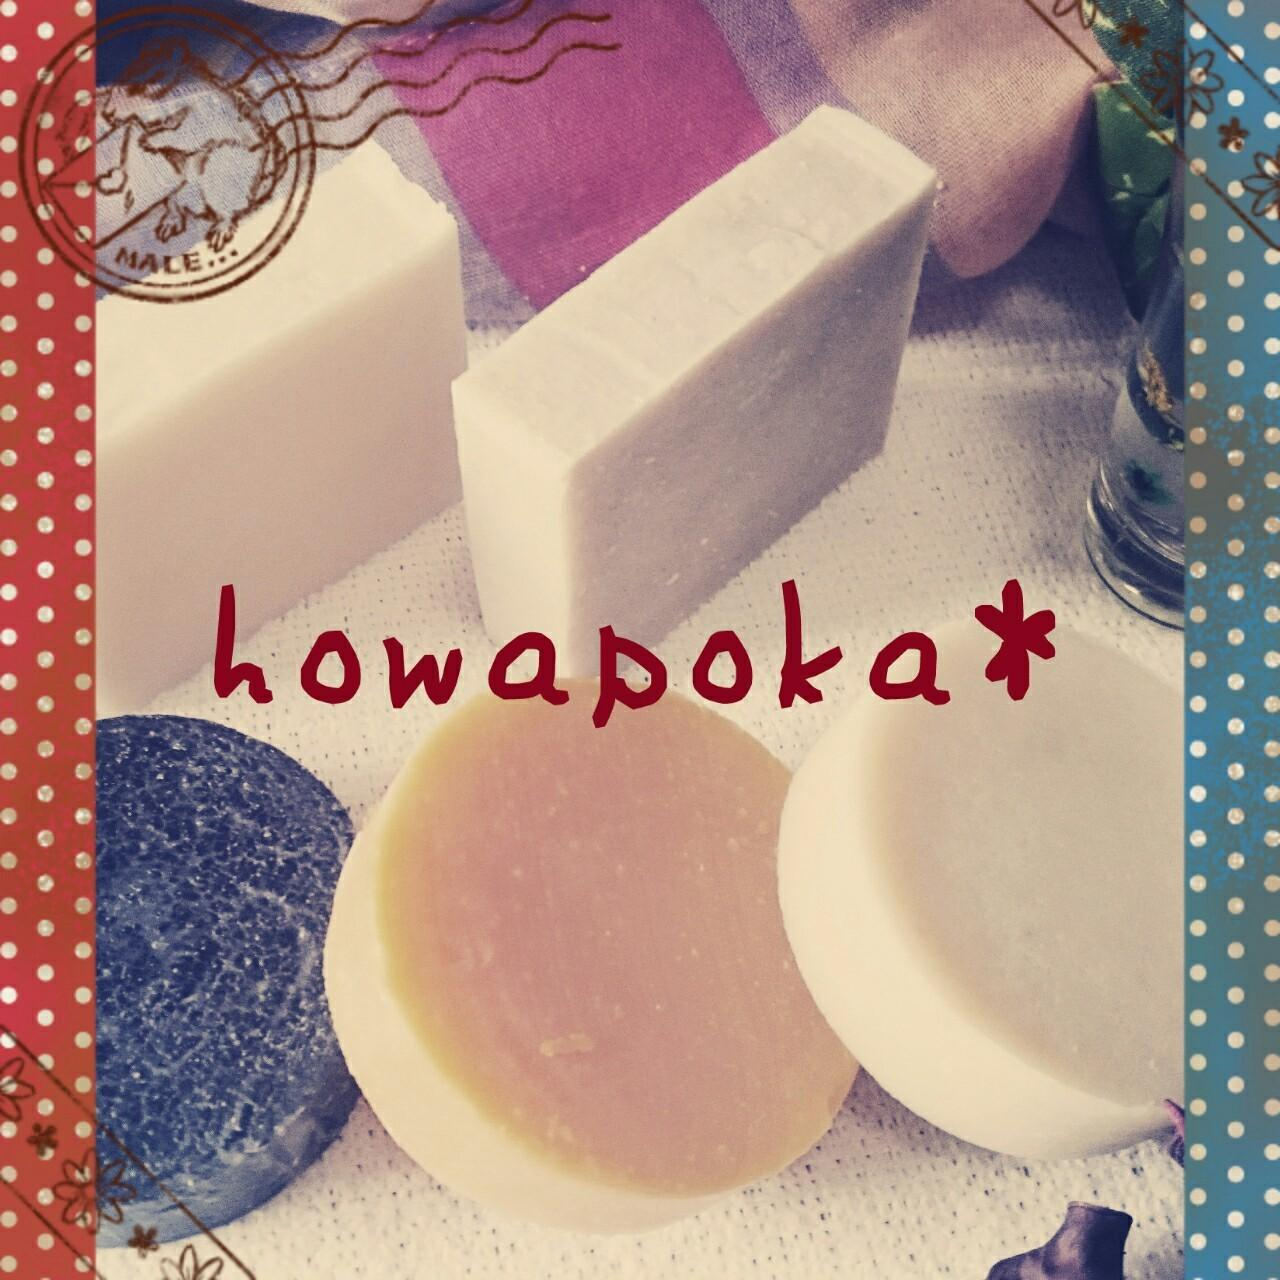 無添加石鹸のhowapoka* Online Shop